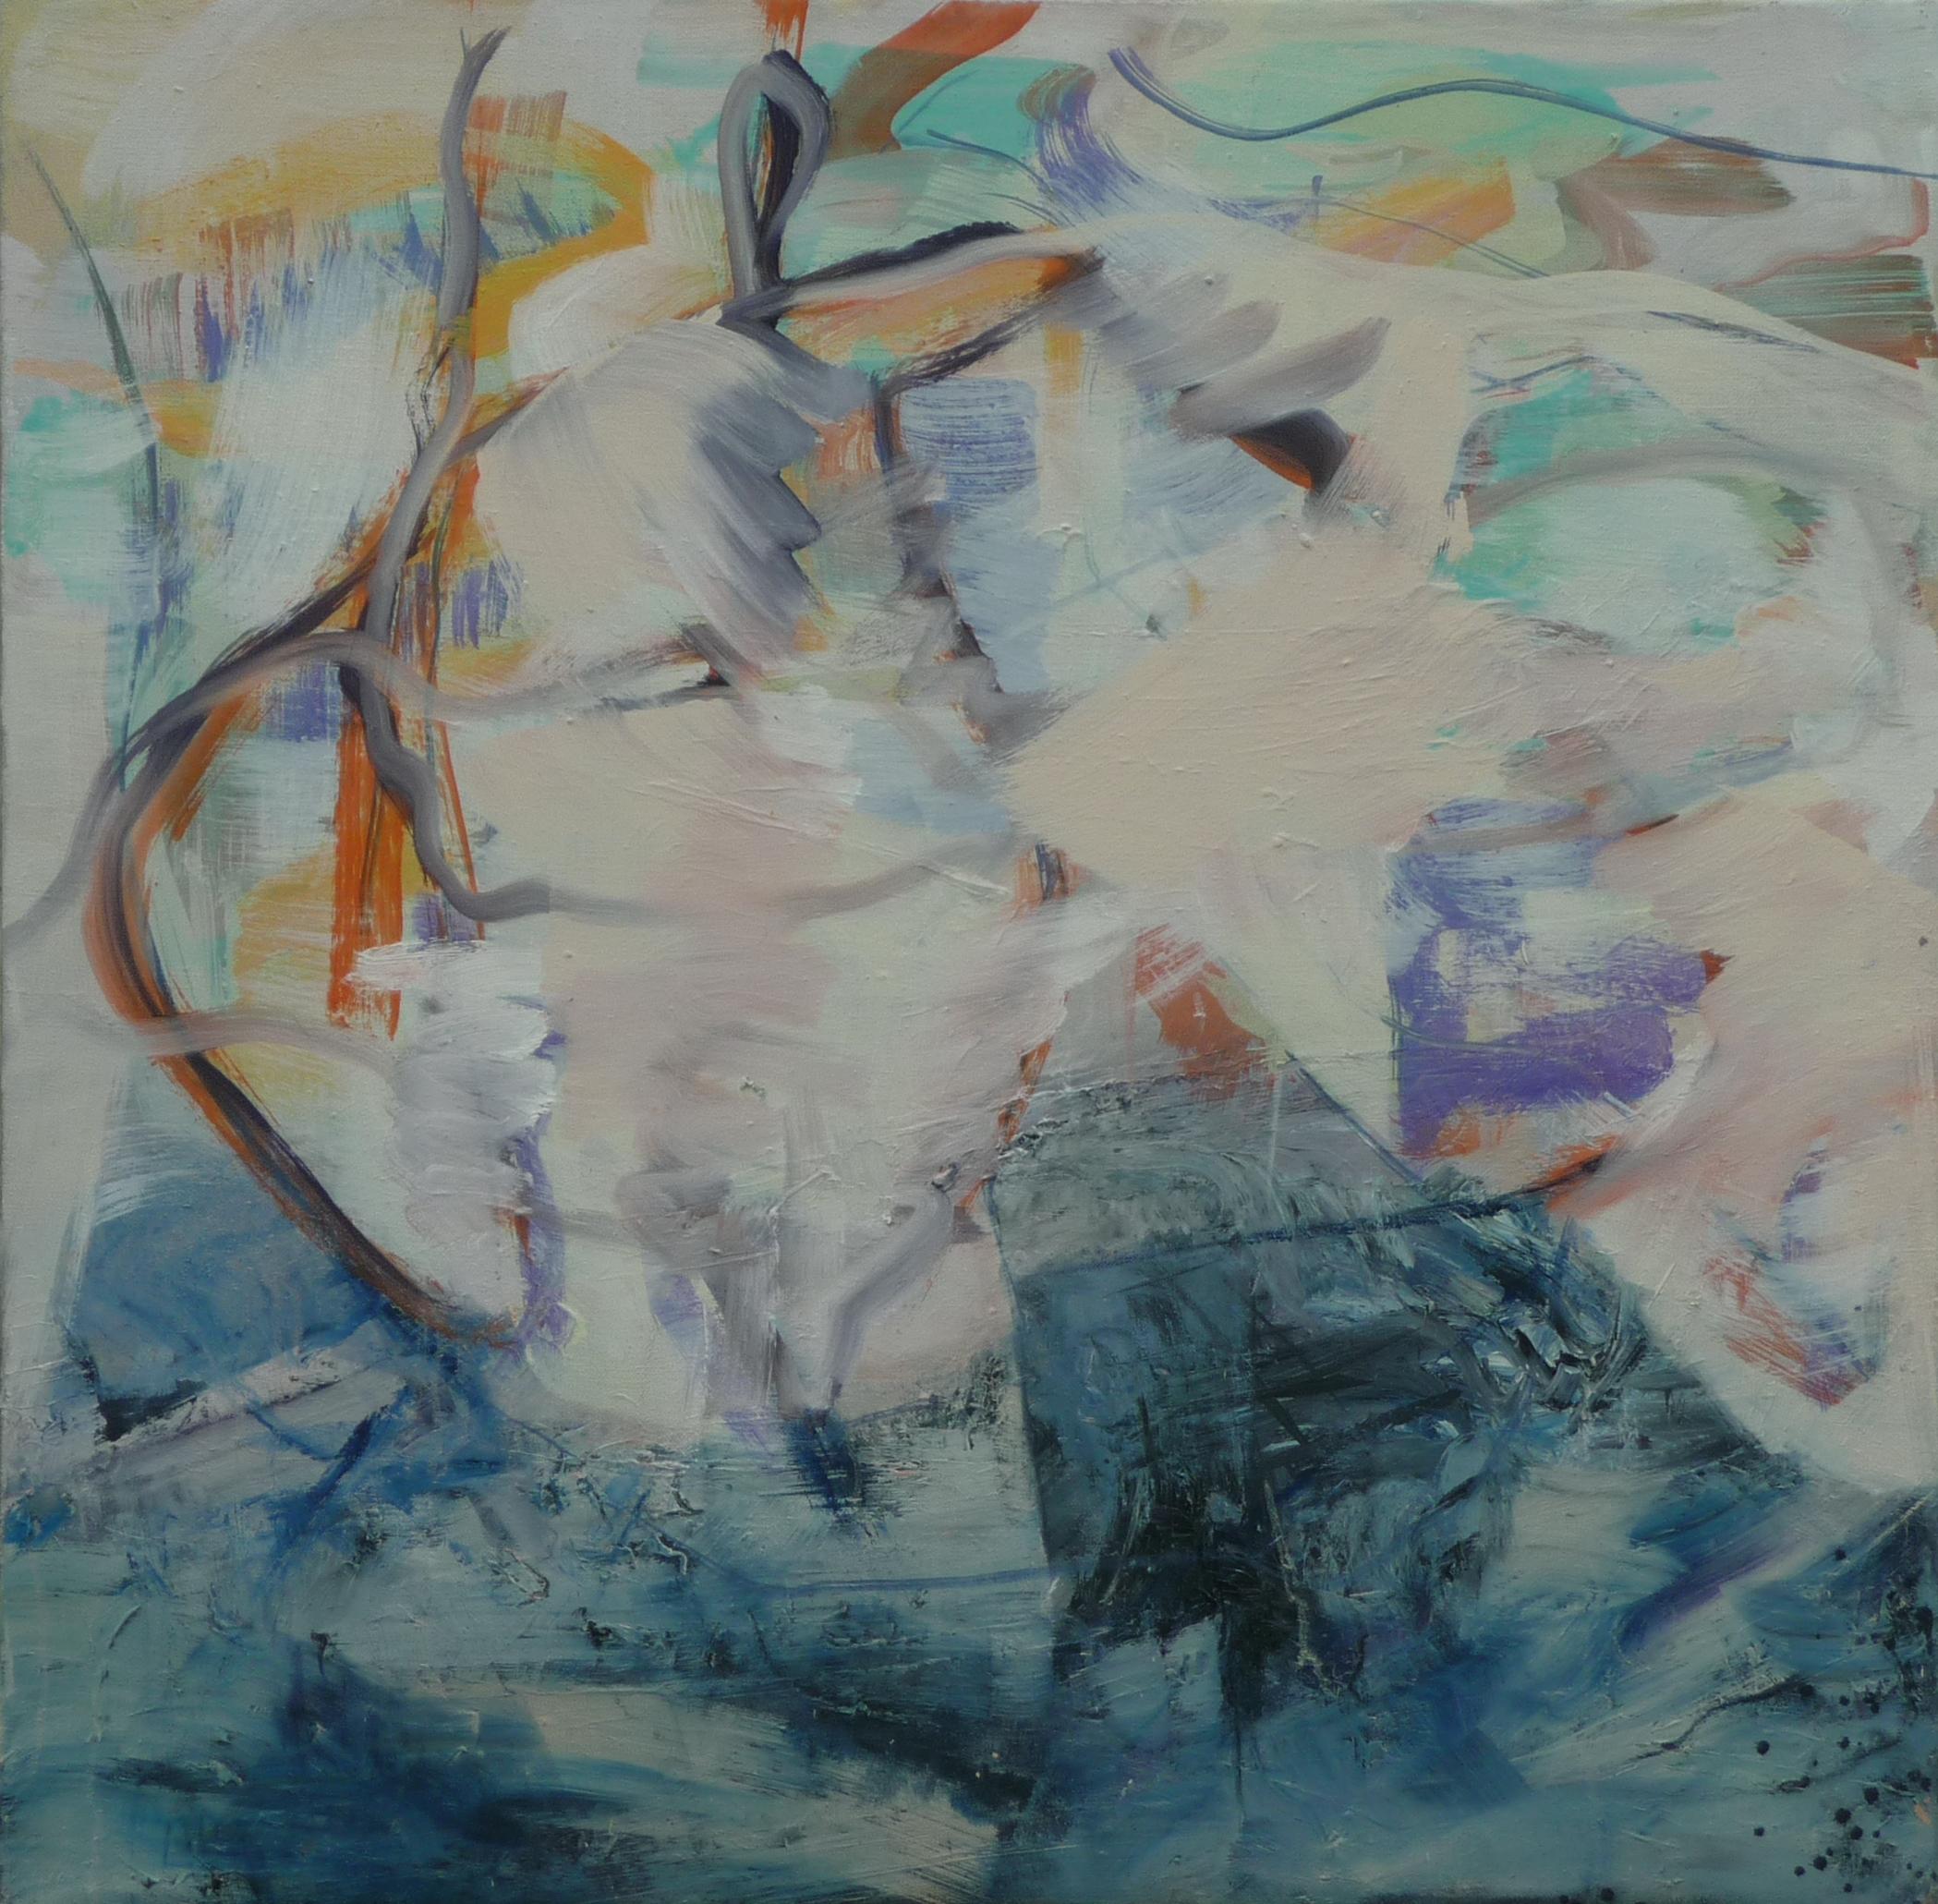 Verwoben ii, oil on canvas, 80 x 80 cm